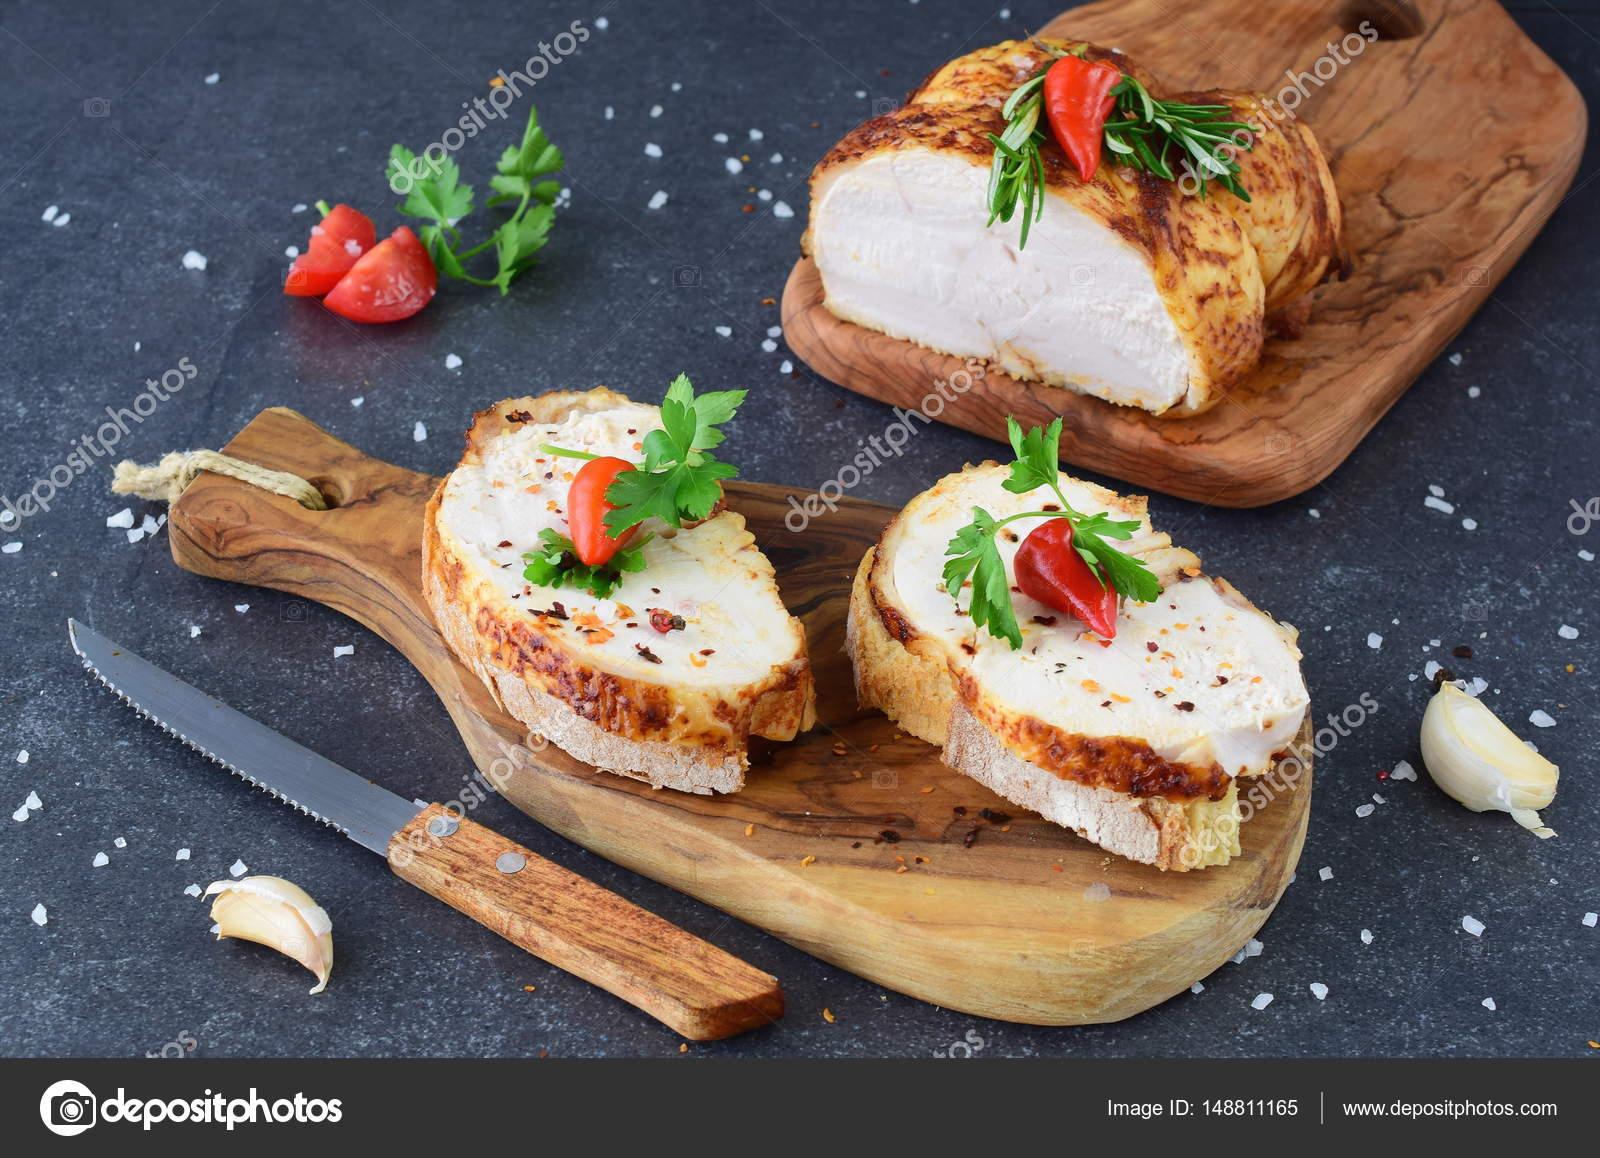 dieta del pollo y el pan